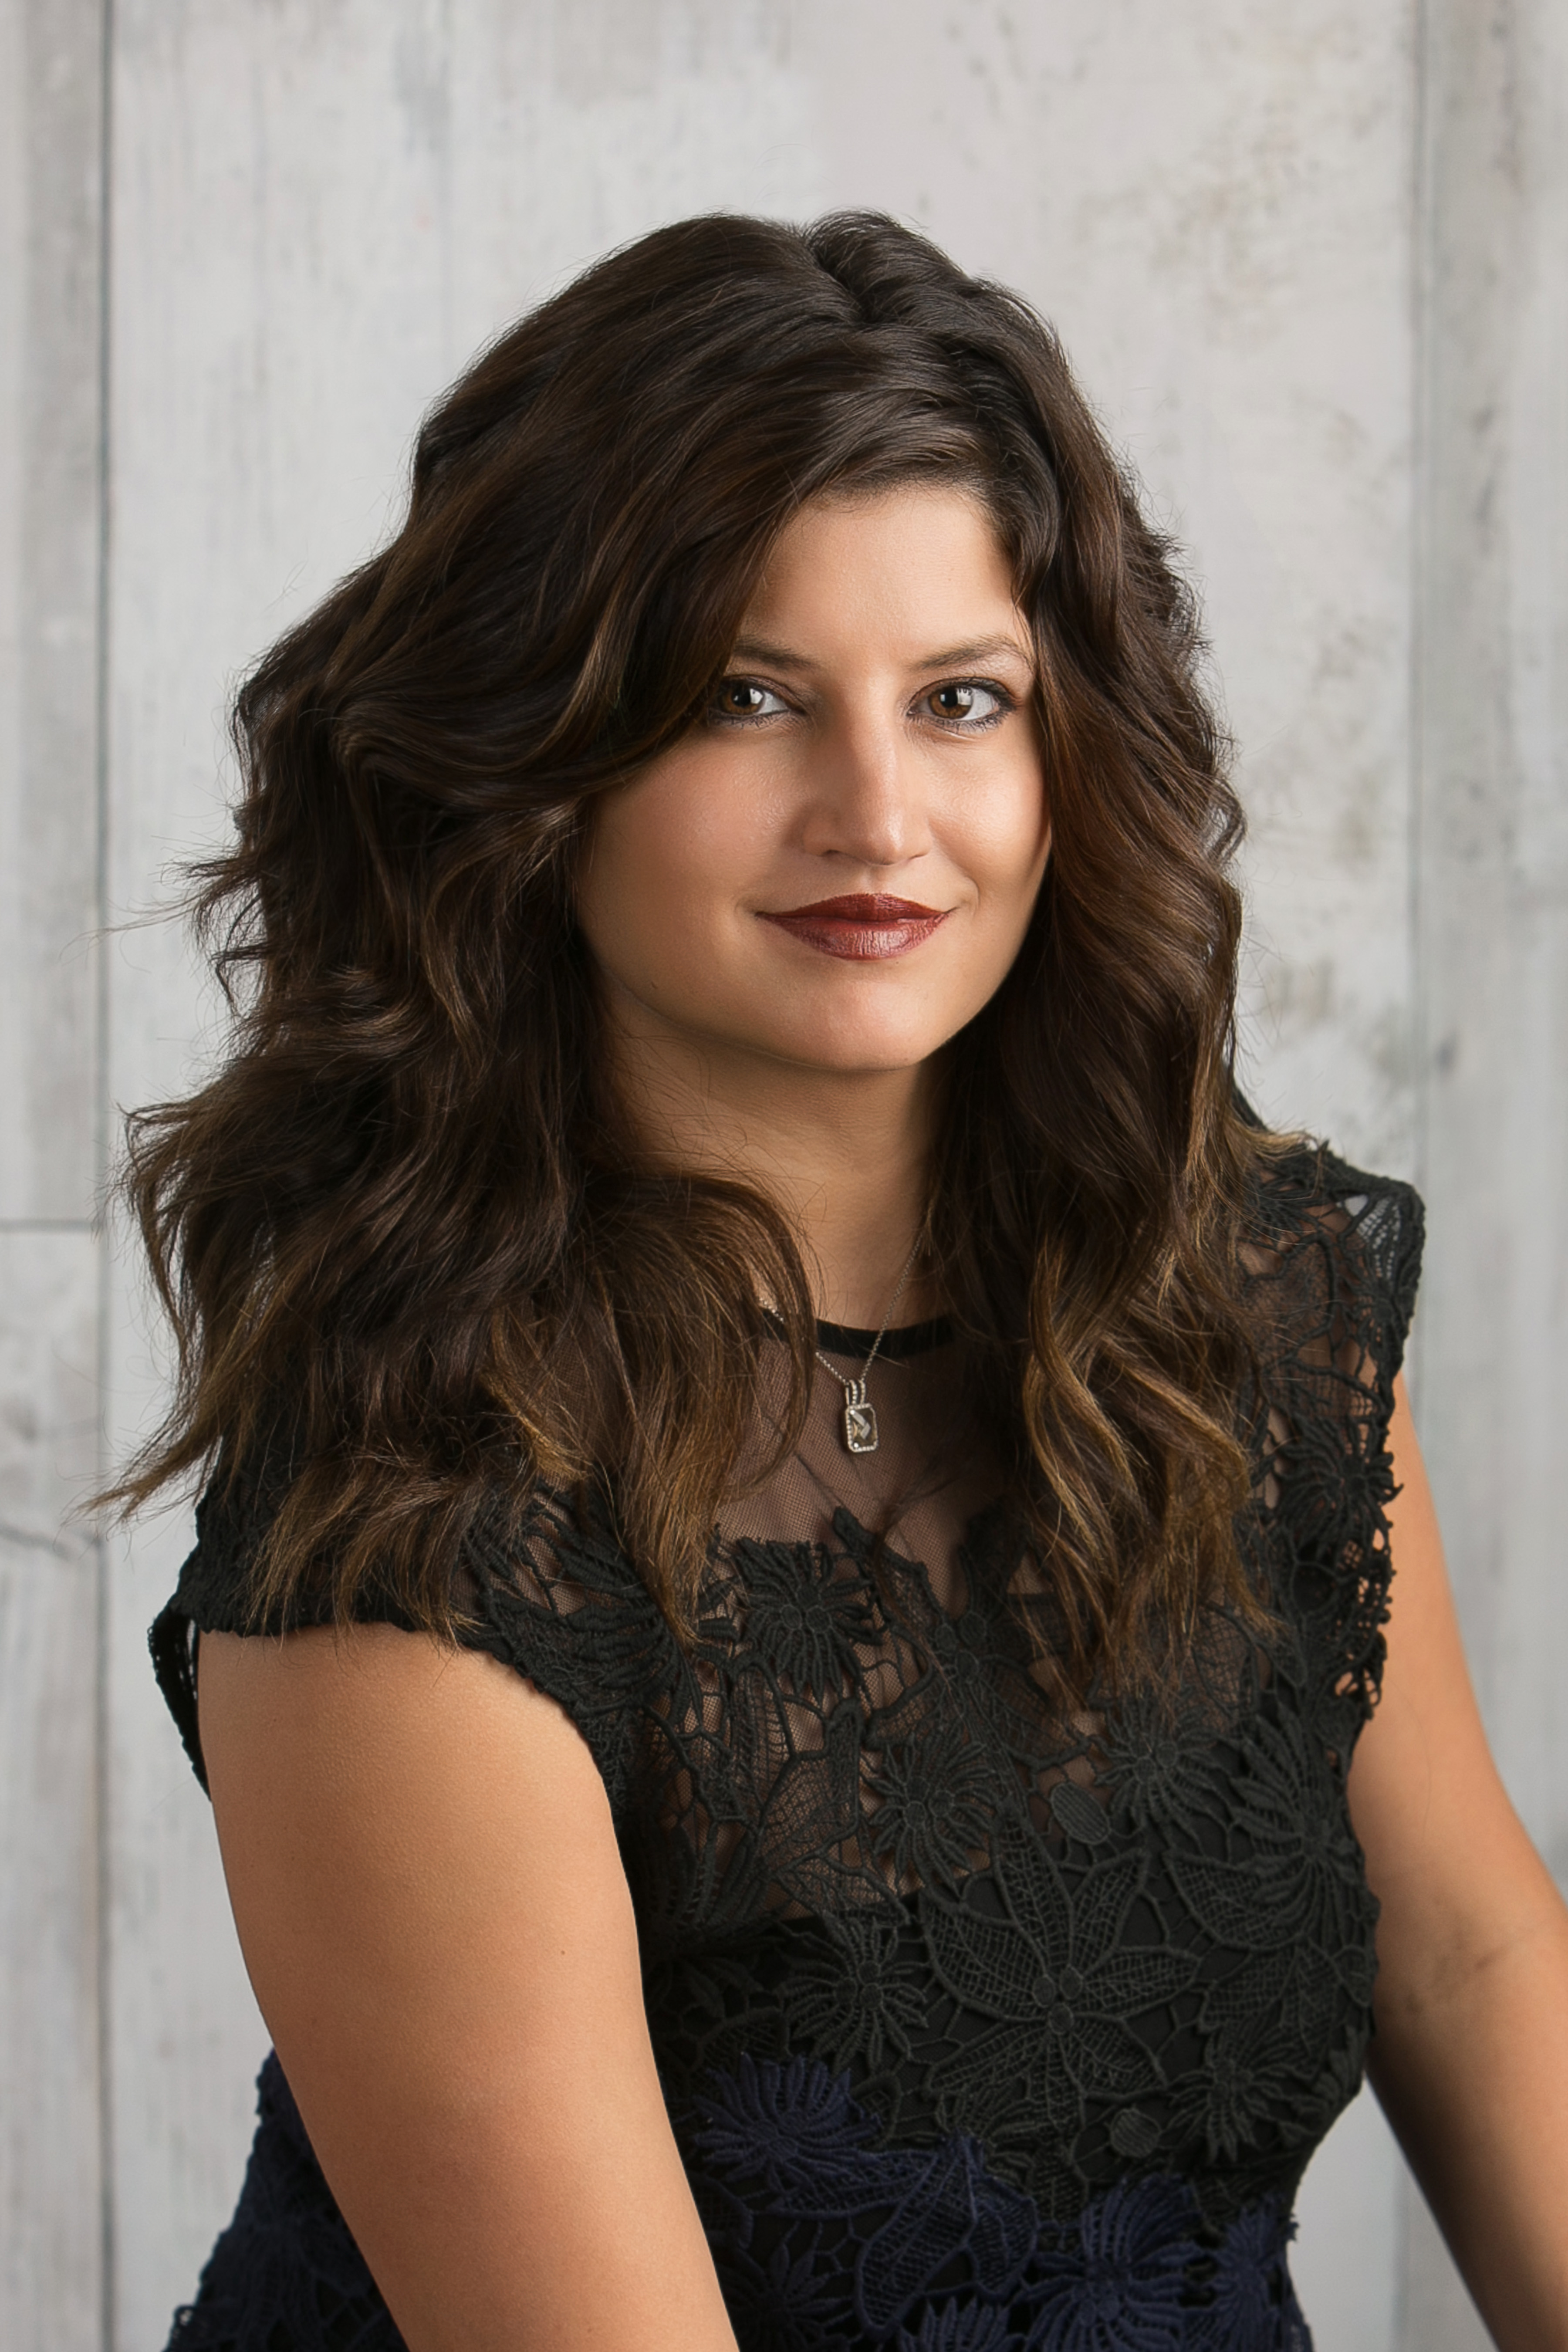 Alicia Nath